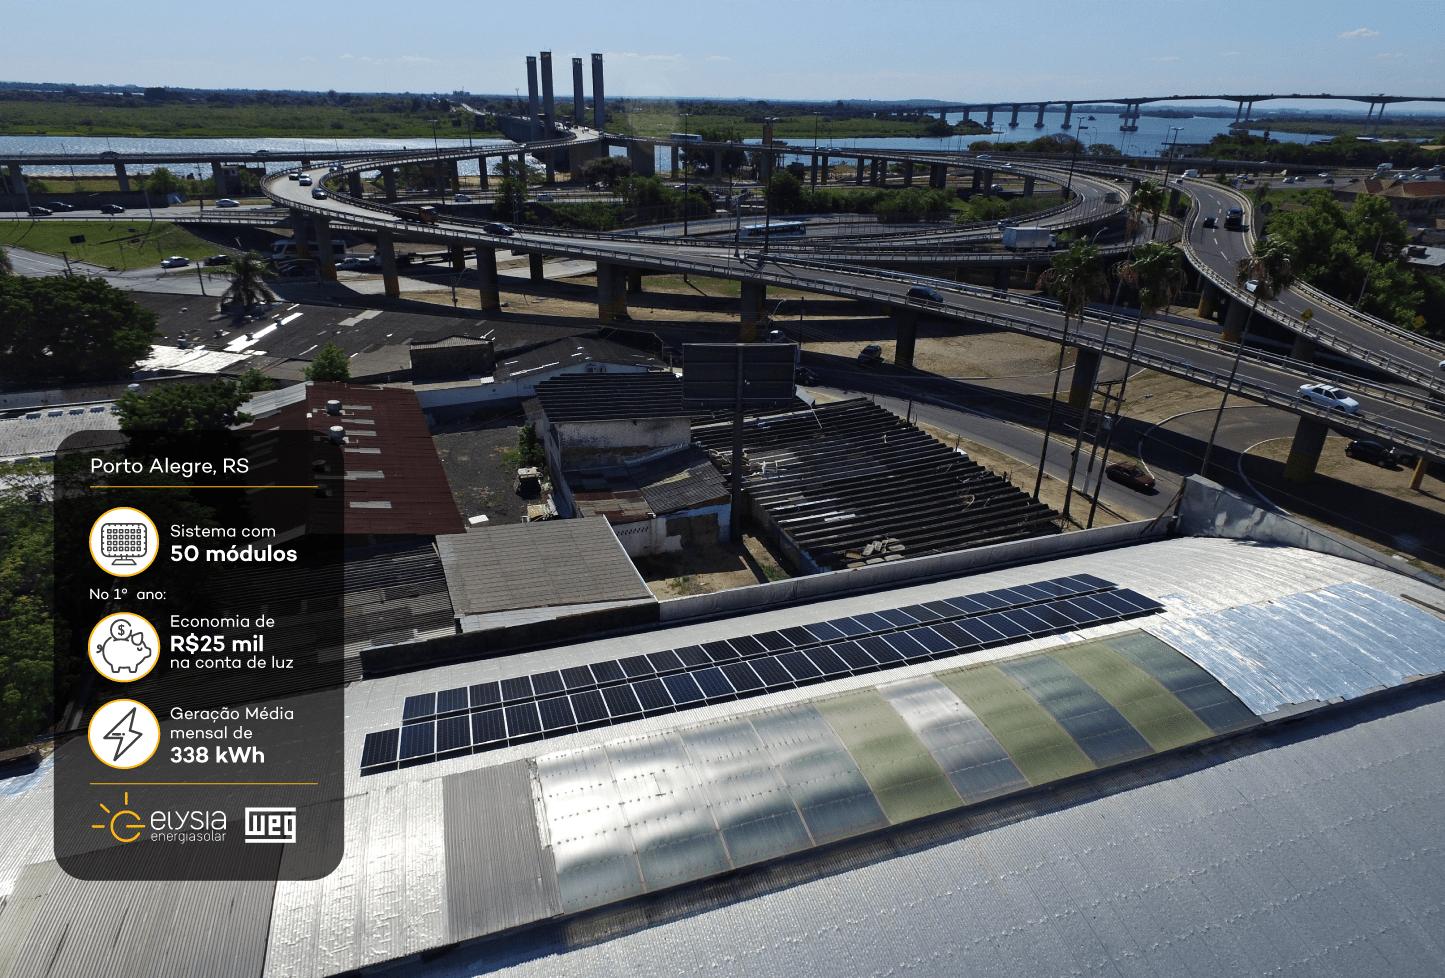 Investir em energia solar - Elysia sistema fotovoltaico